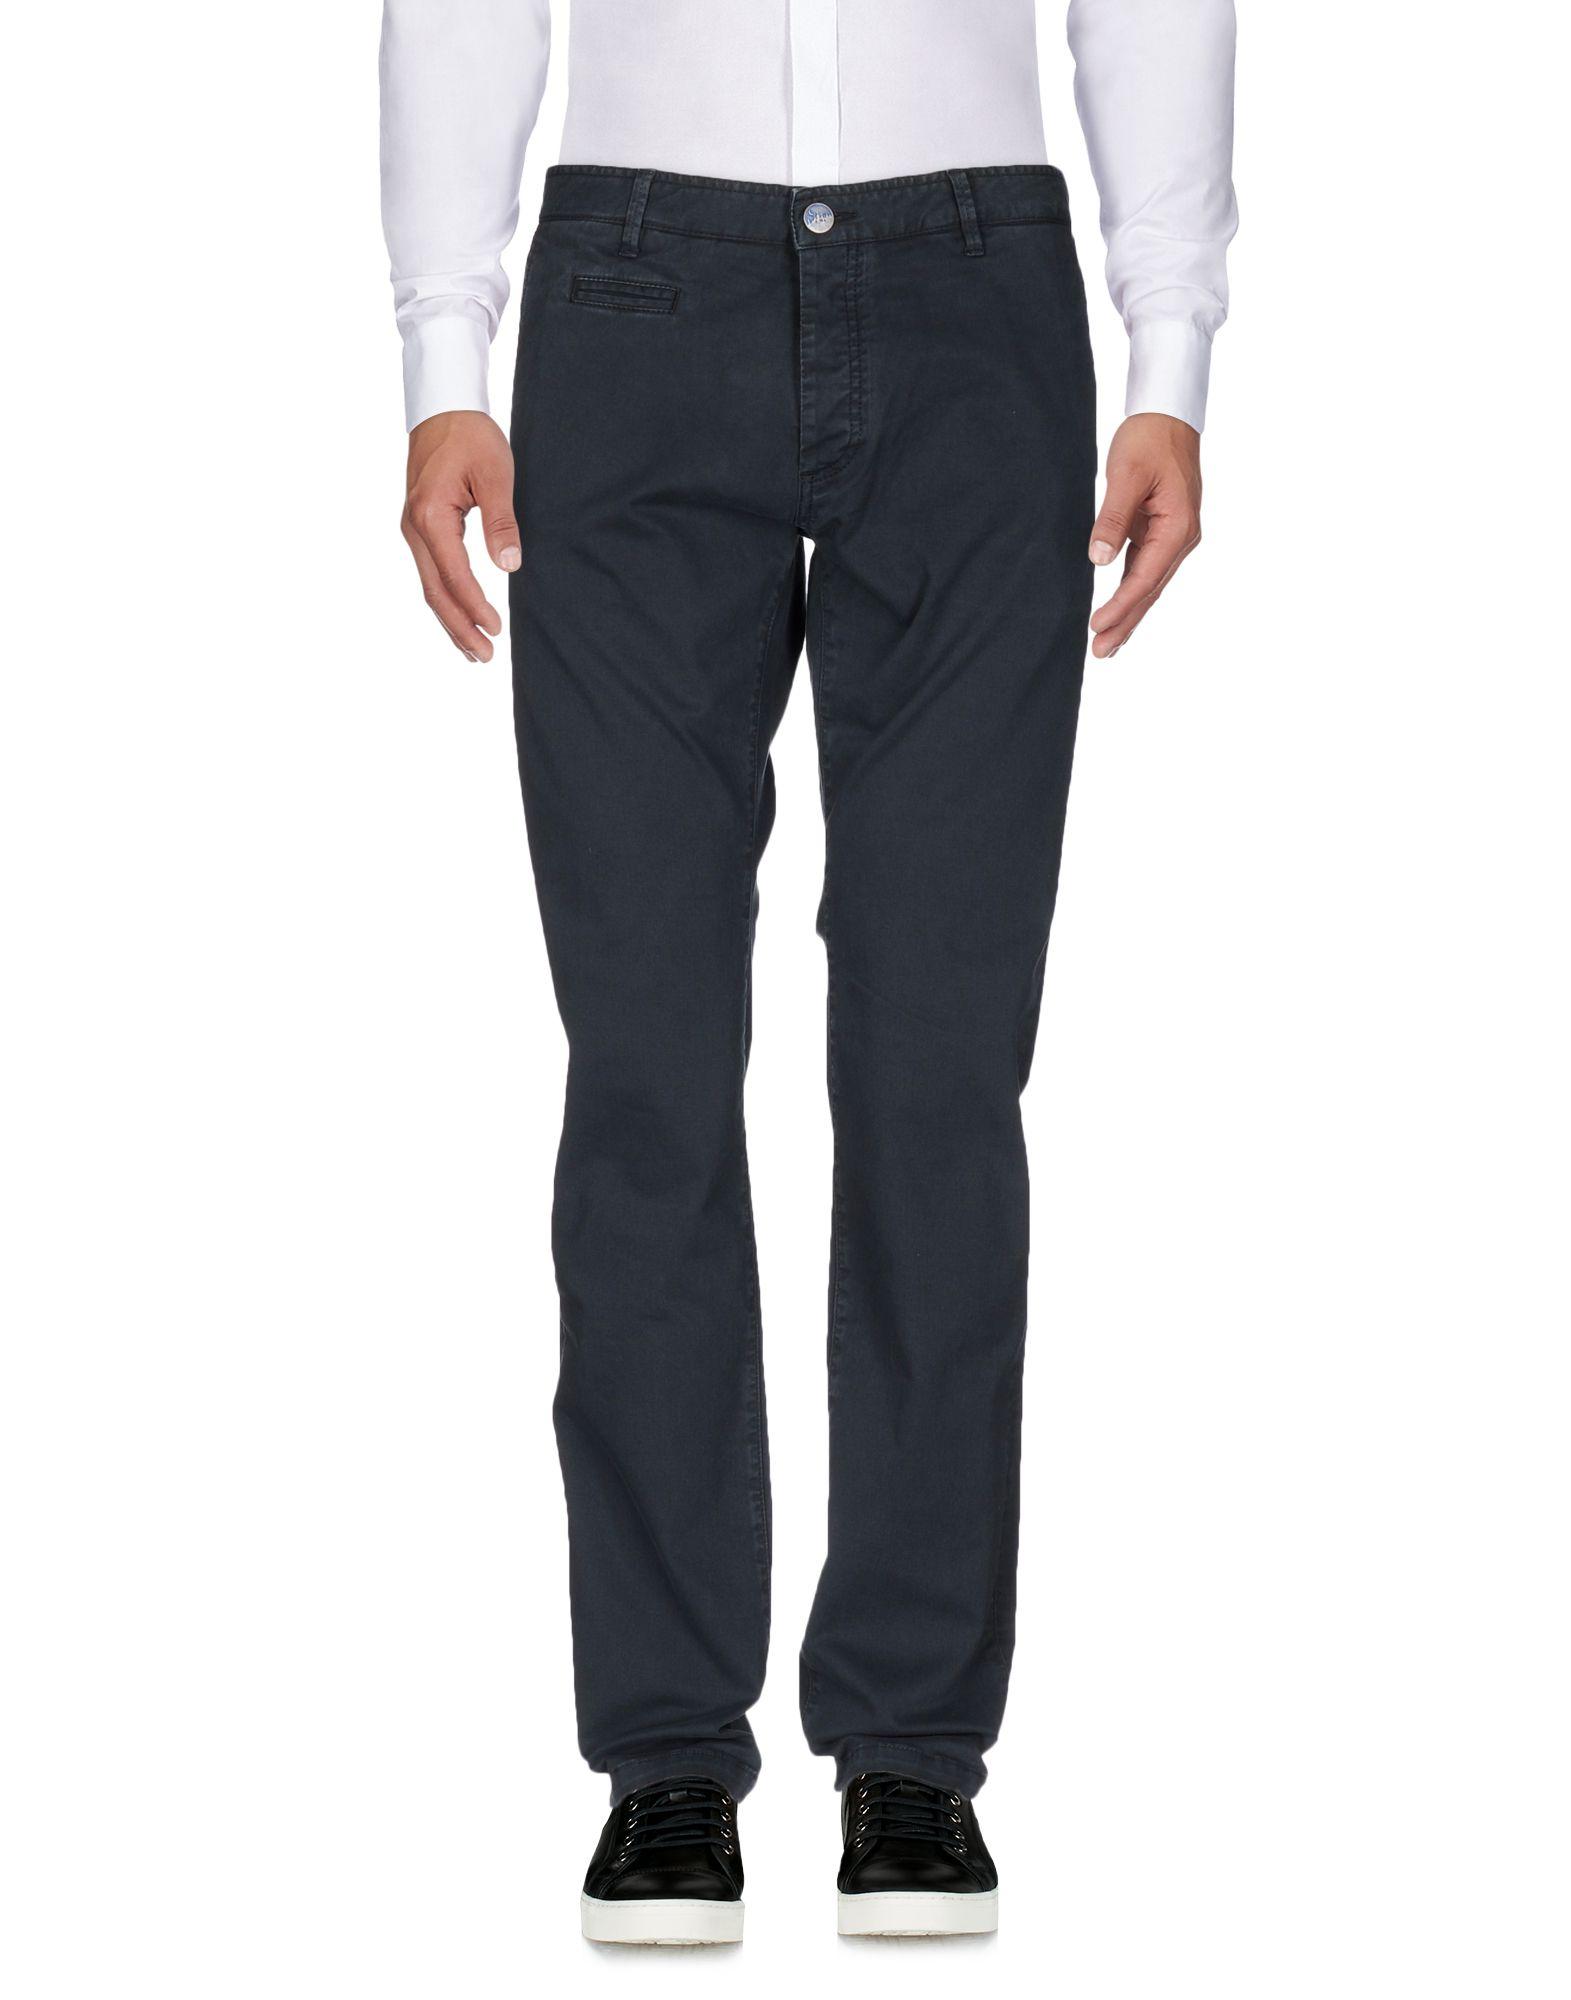 BLU DI VENEZIA® Повседневные брюки details about rilevatore di metalli professionale linea blu dmf 10 zoom